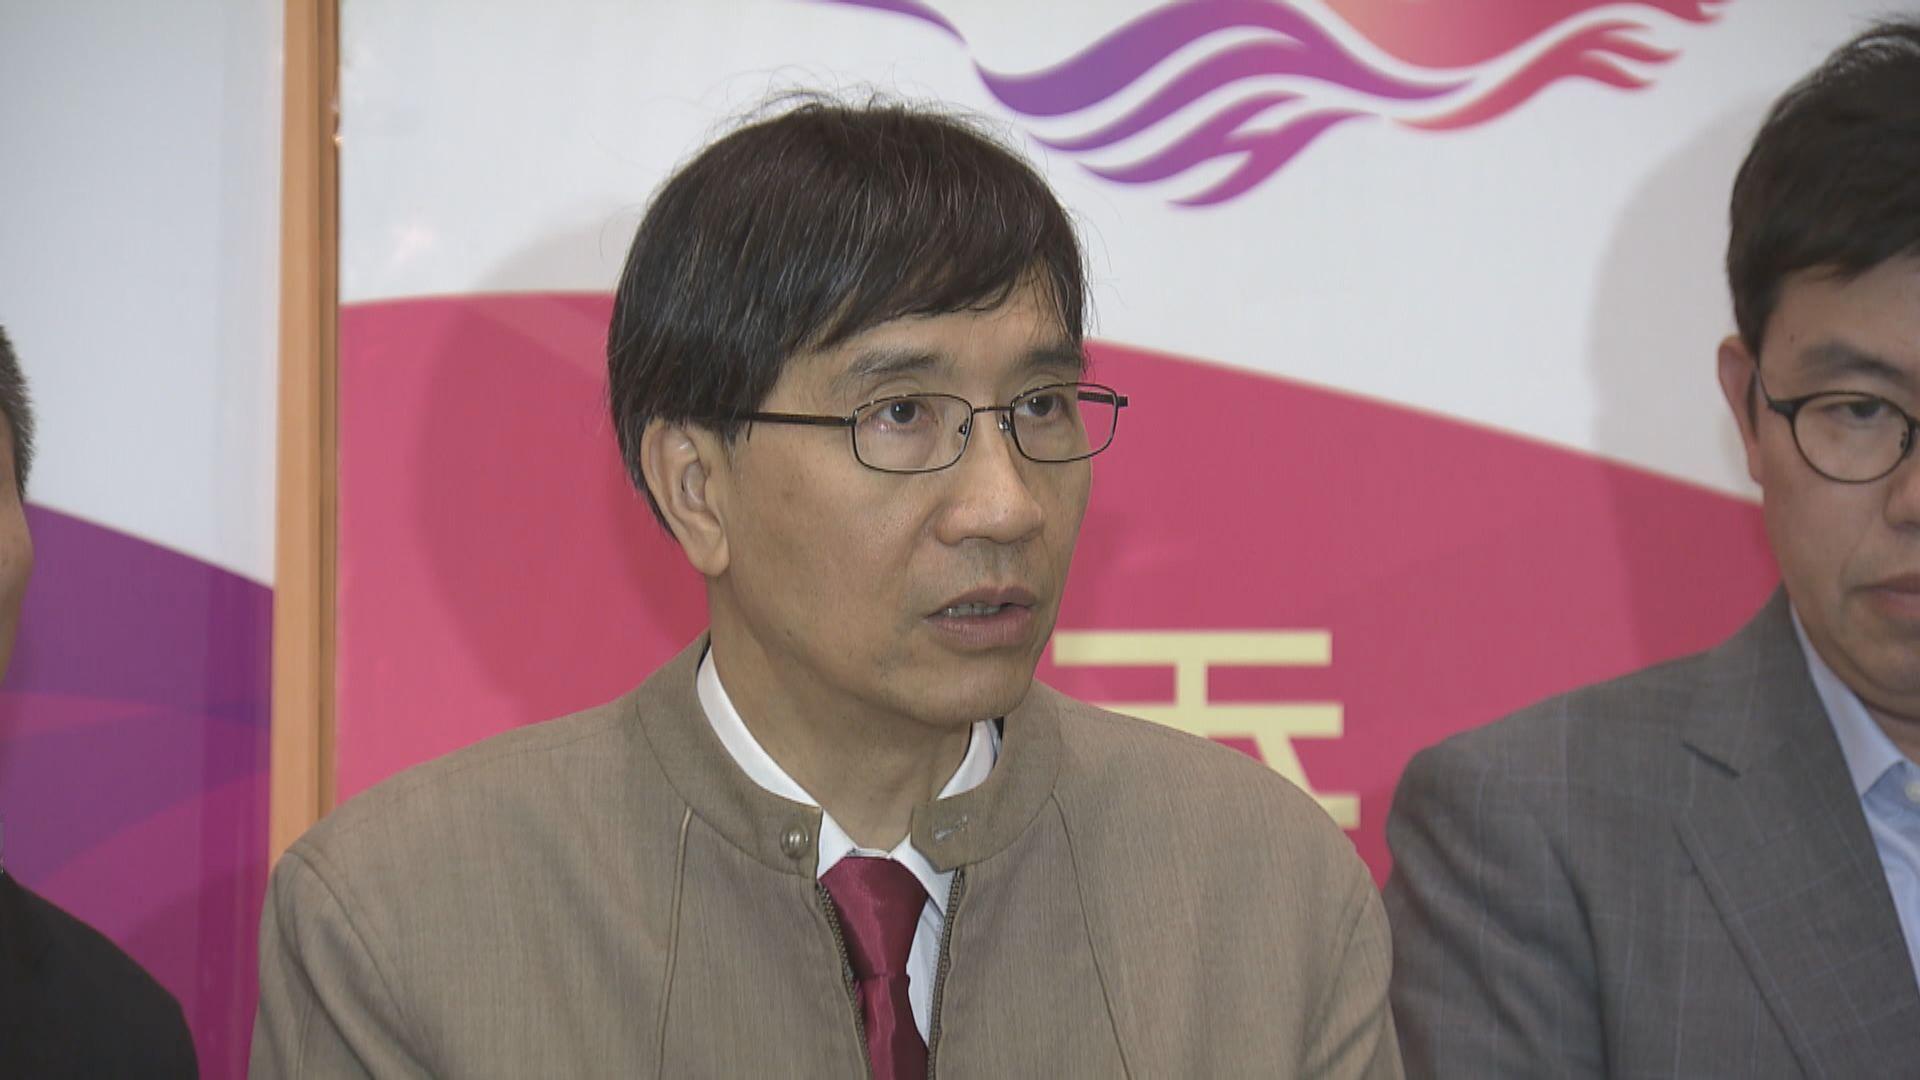 袁國勇:應新年前禁止內地人到港 現設限亦是好開始